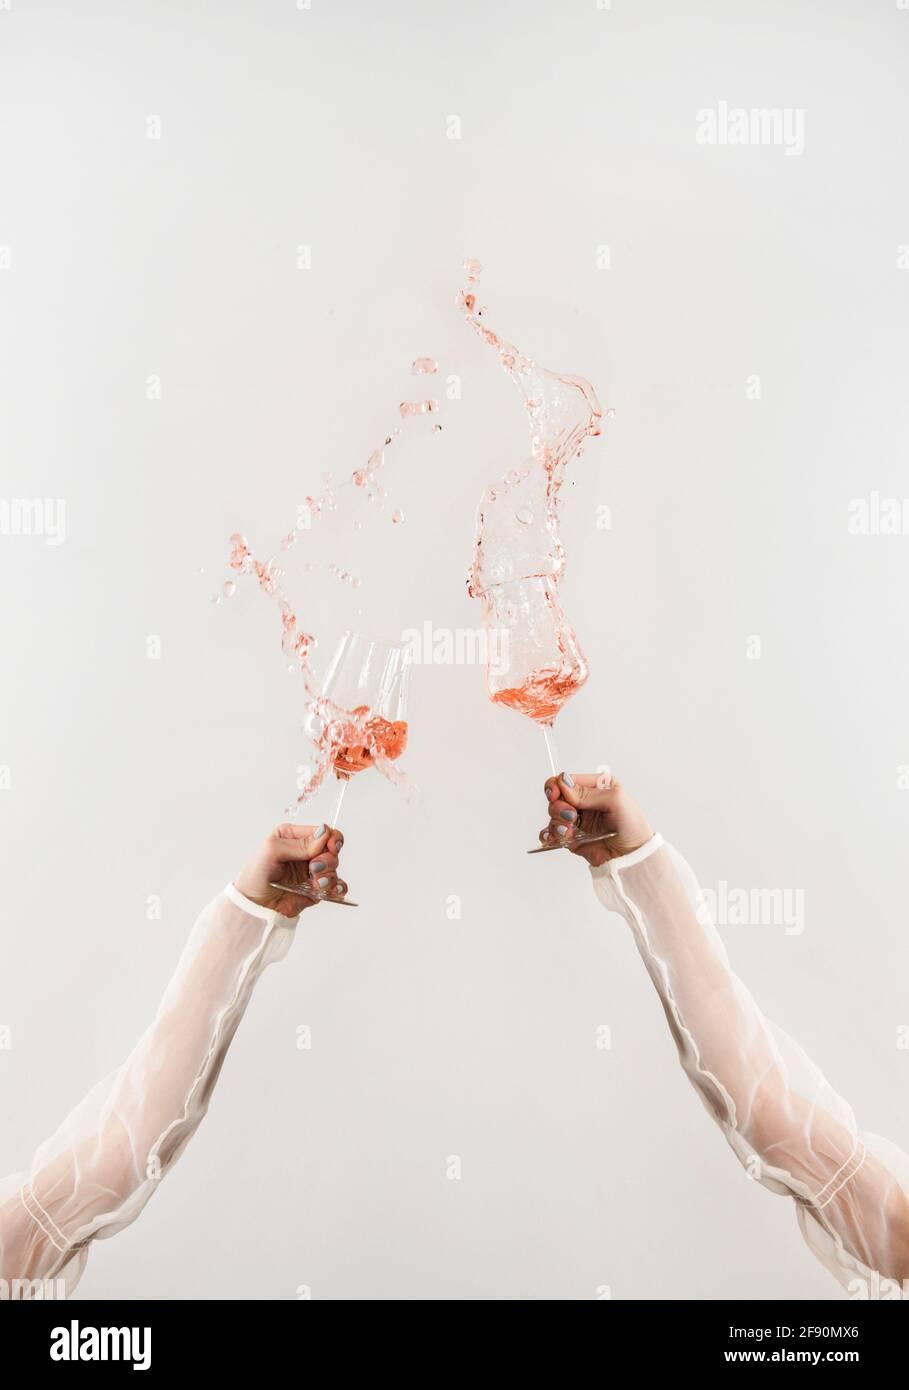 Mani femminili in eleganti camicie trasparenti bicchieri da versare con vino rosato fresco che vola in aria su fondo bianco. Degustazione di vini, vino s Foto Stock